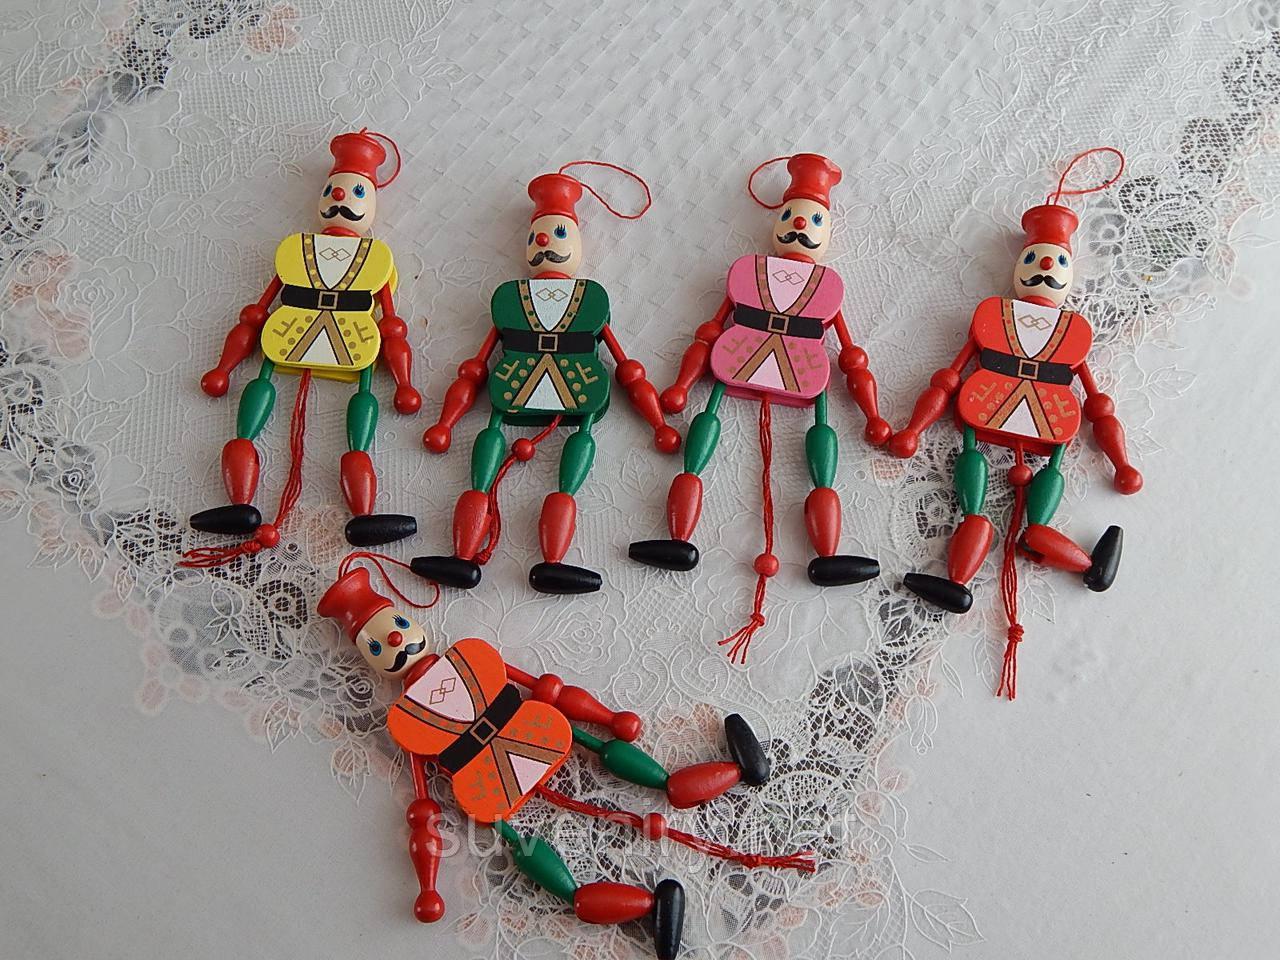 Детская деревянная игрушка клоун разные цвета